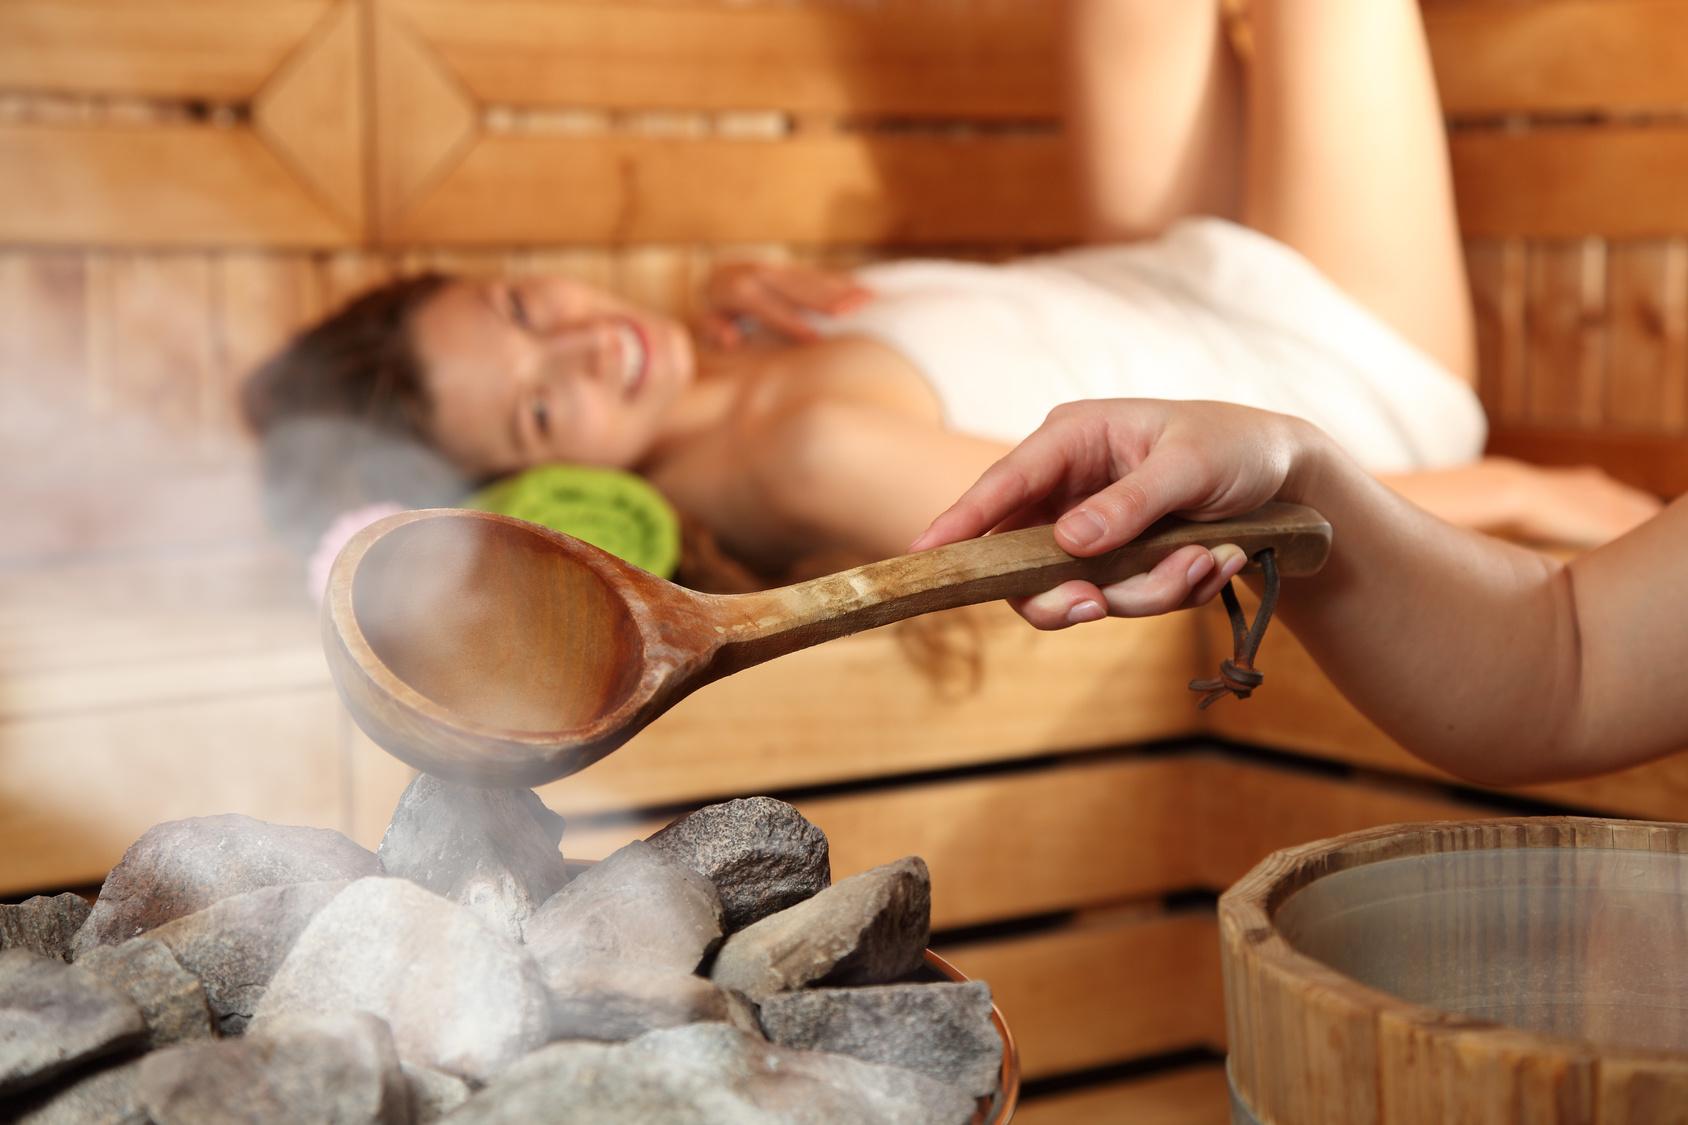 Как лечить простуду в бане: 4 верных средства | бани в санкт-петербурге №1